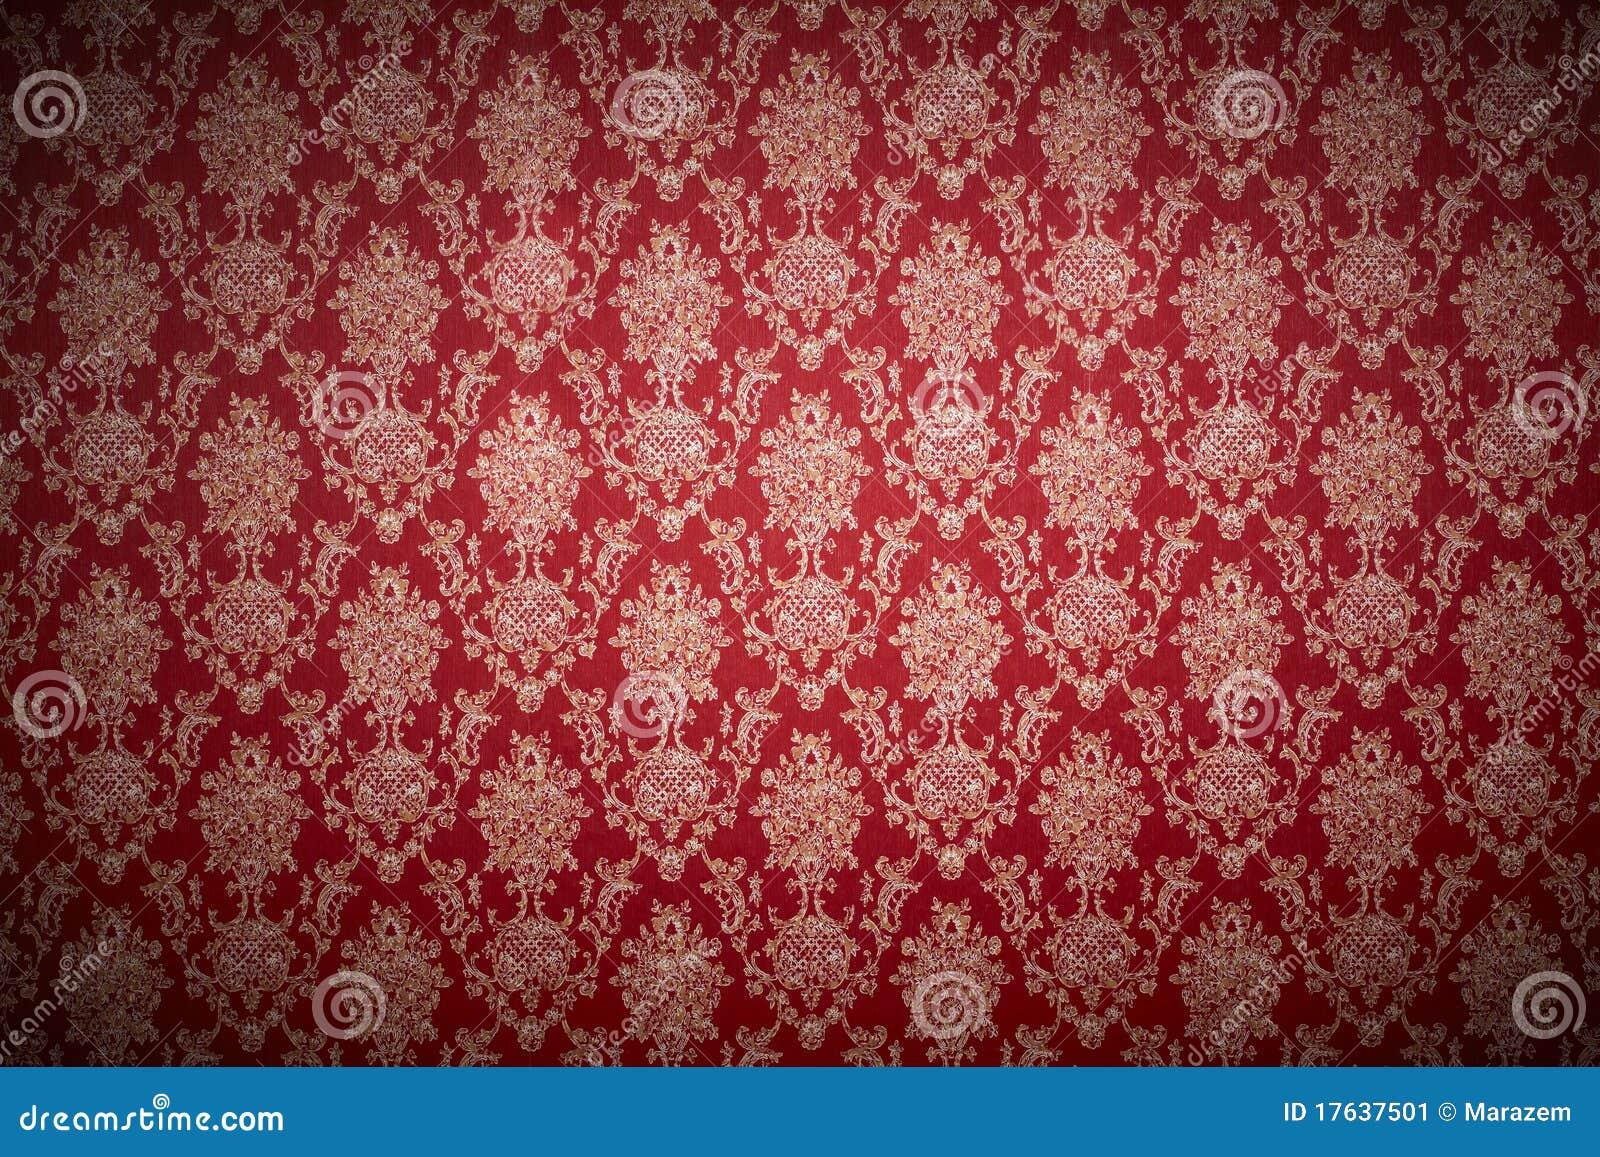 Carta da parati rossa immagine stock immagine di arte for Stock carta da parati